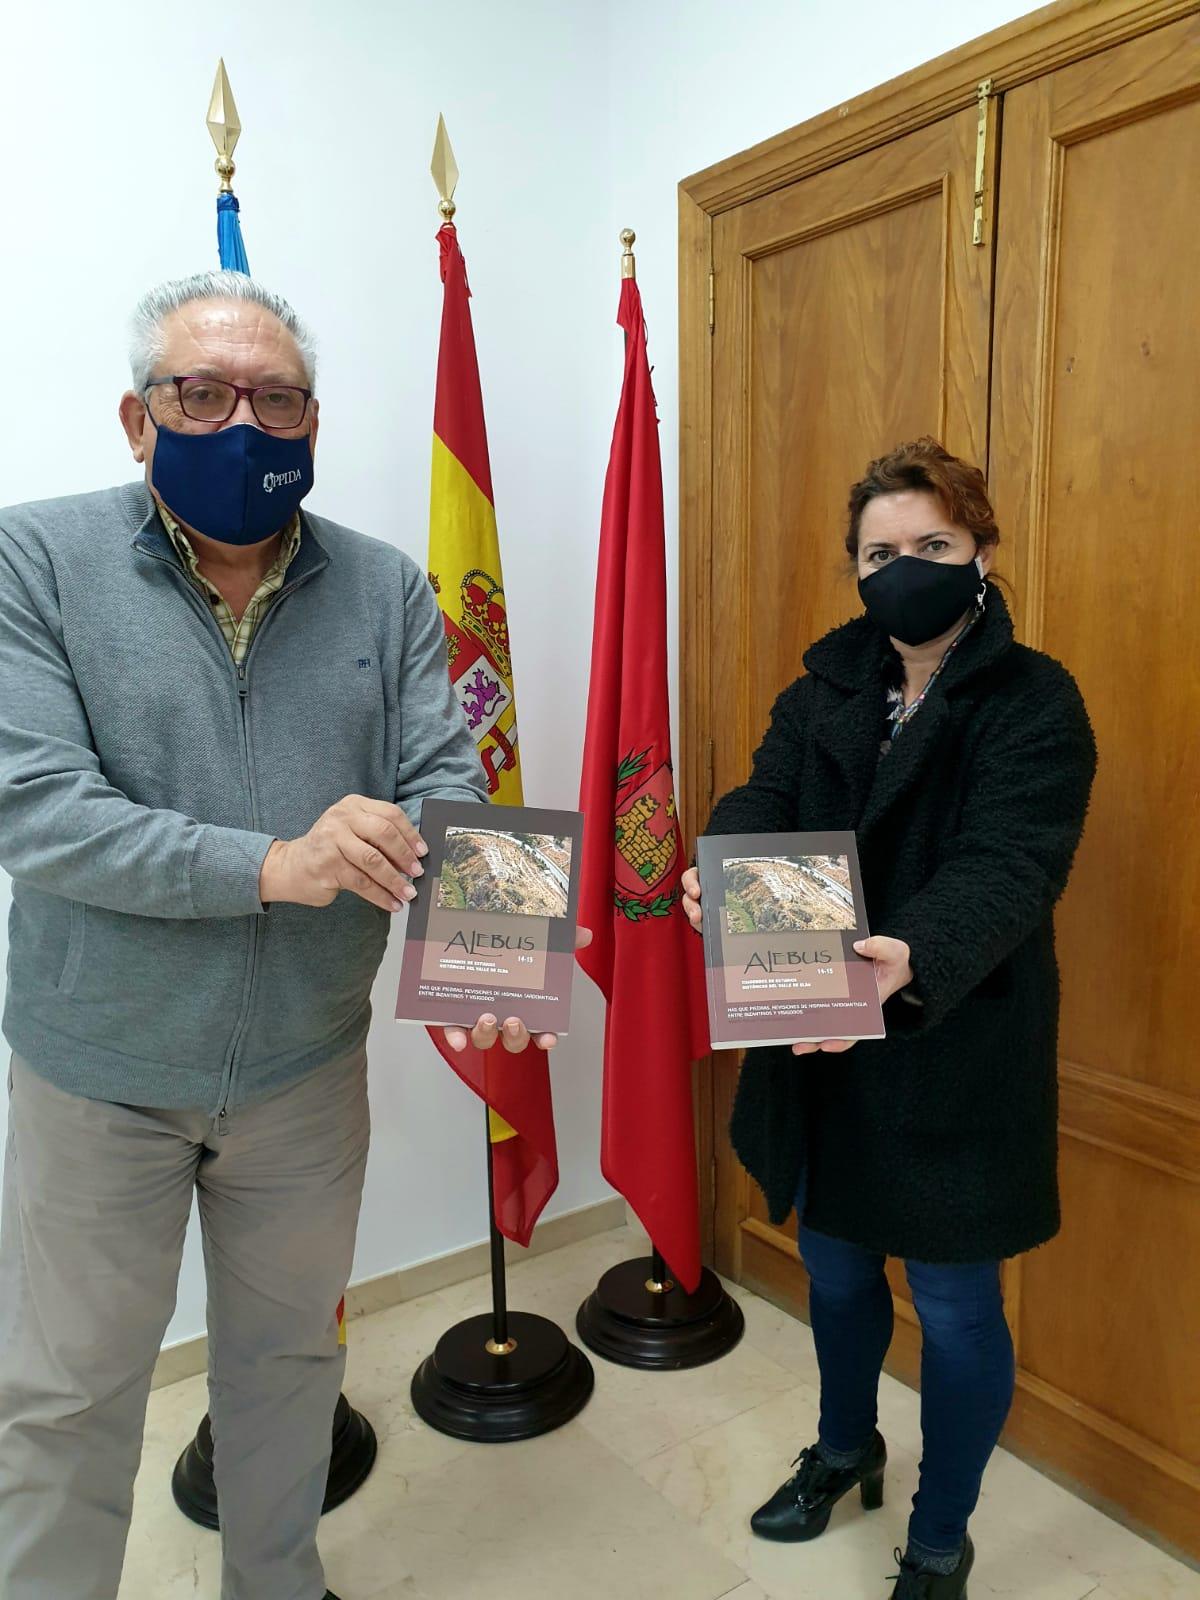 El Museo Arqueológico de Elda recupera la revista Alebus como instrumento de difusión del patrimonio histórico de la ciudad